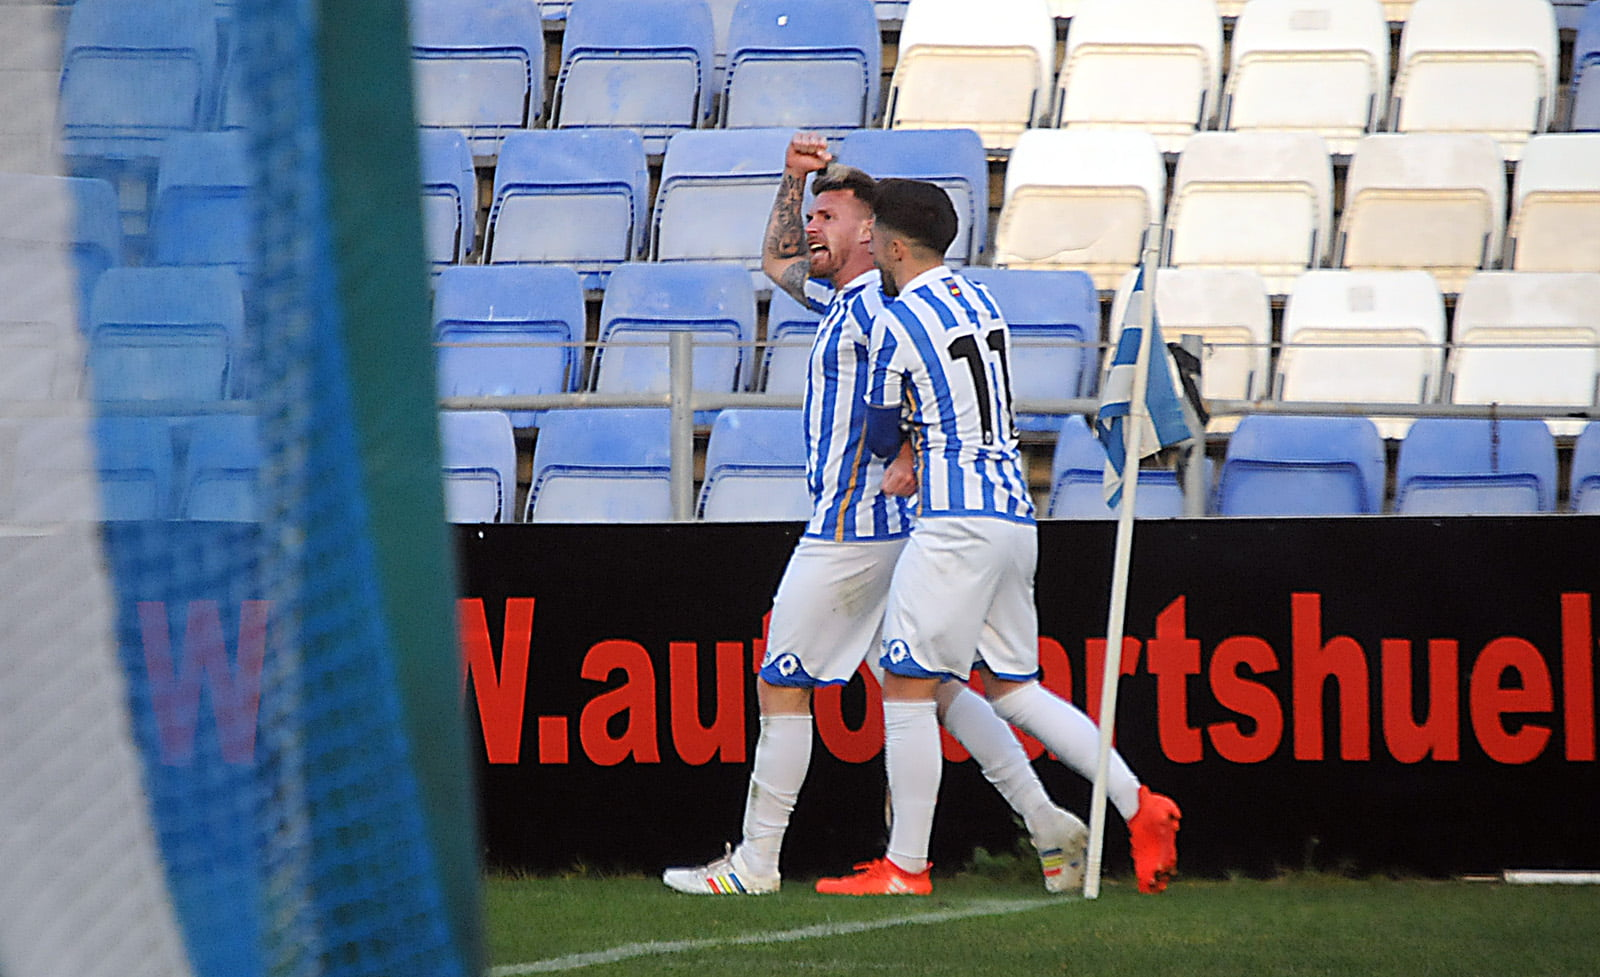 'Ya era hora', parece exclamar Iván Aguilar tras lograr el gol del triunfo.